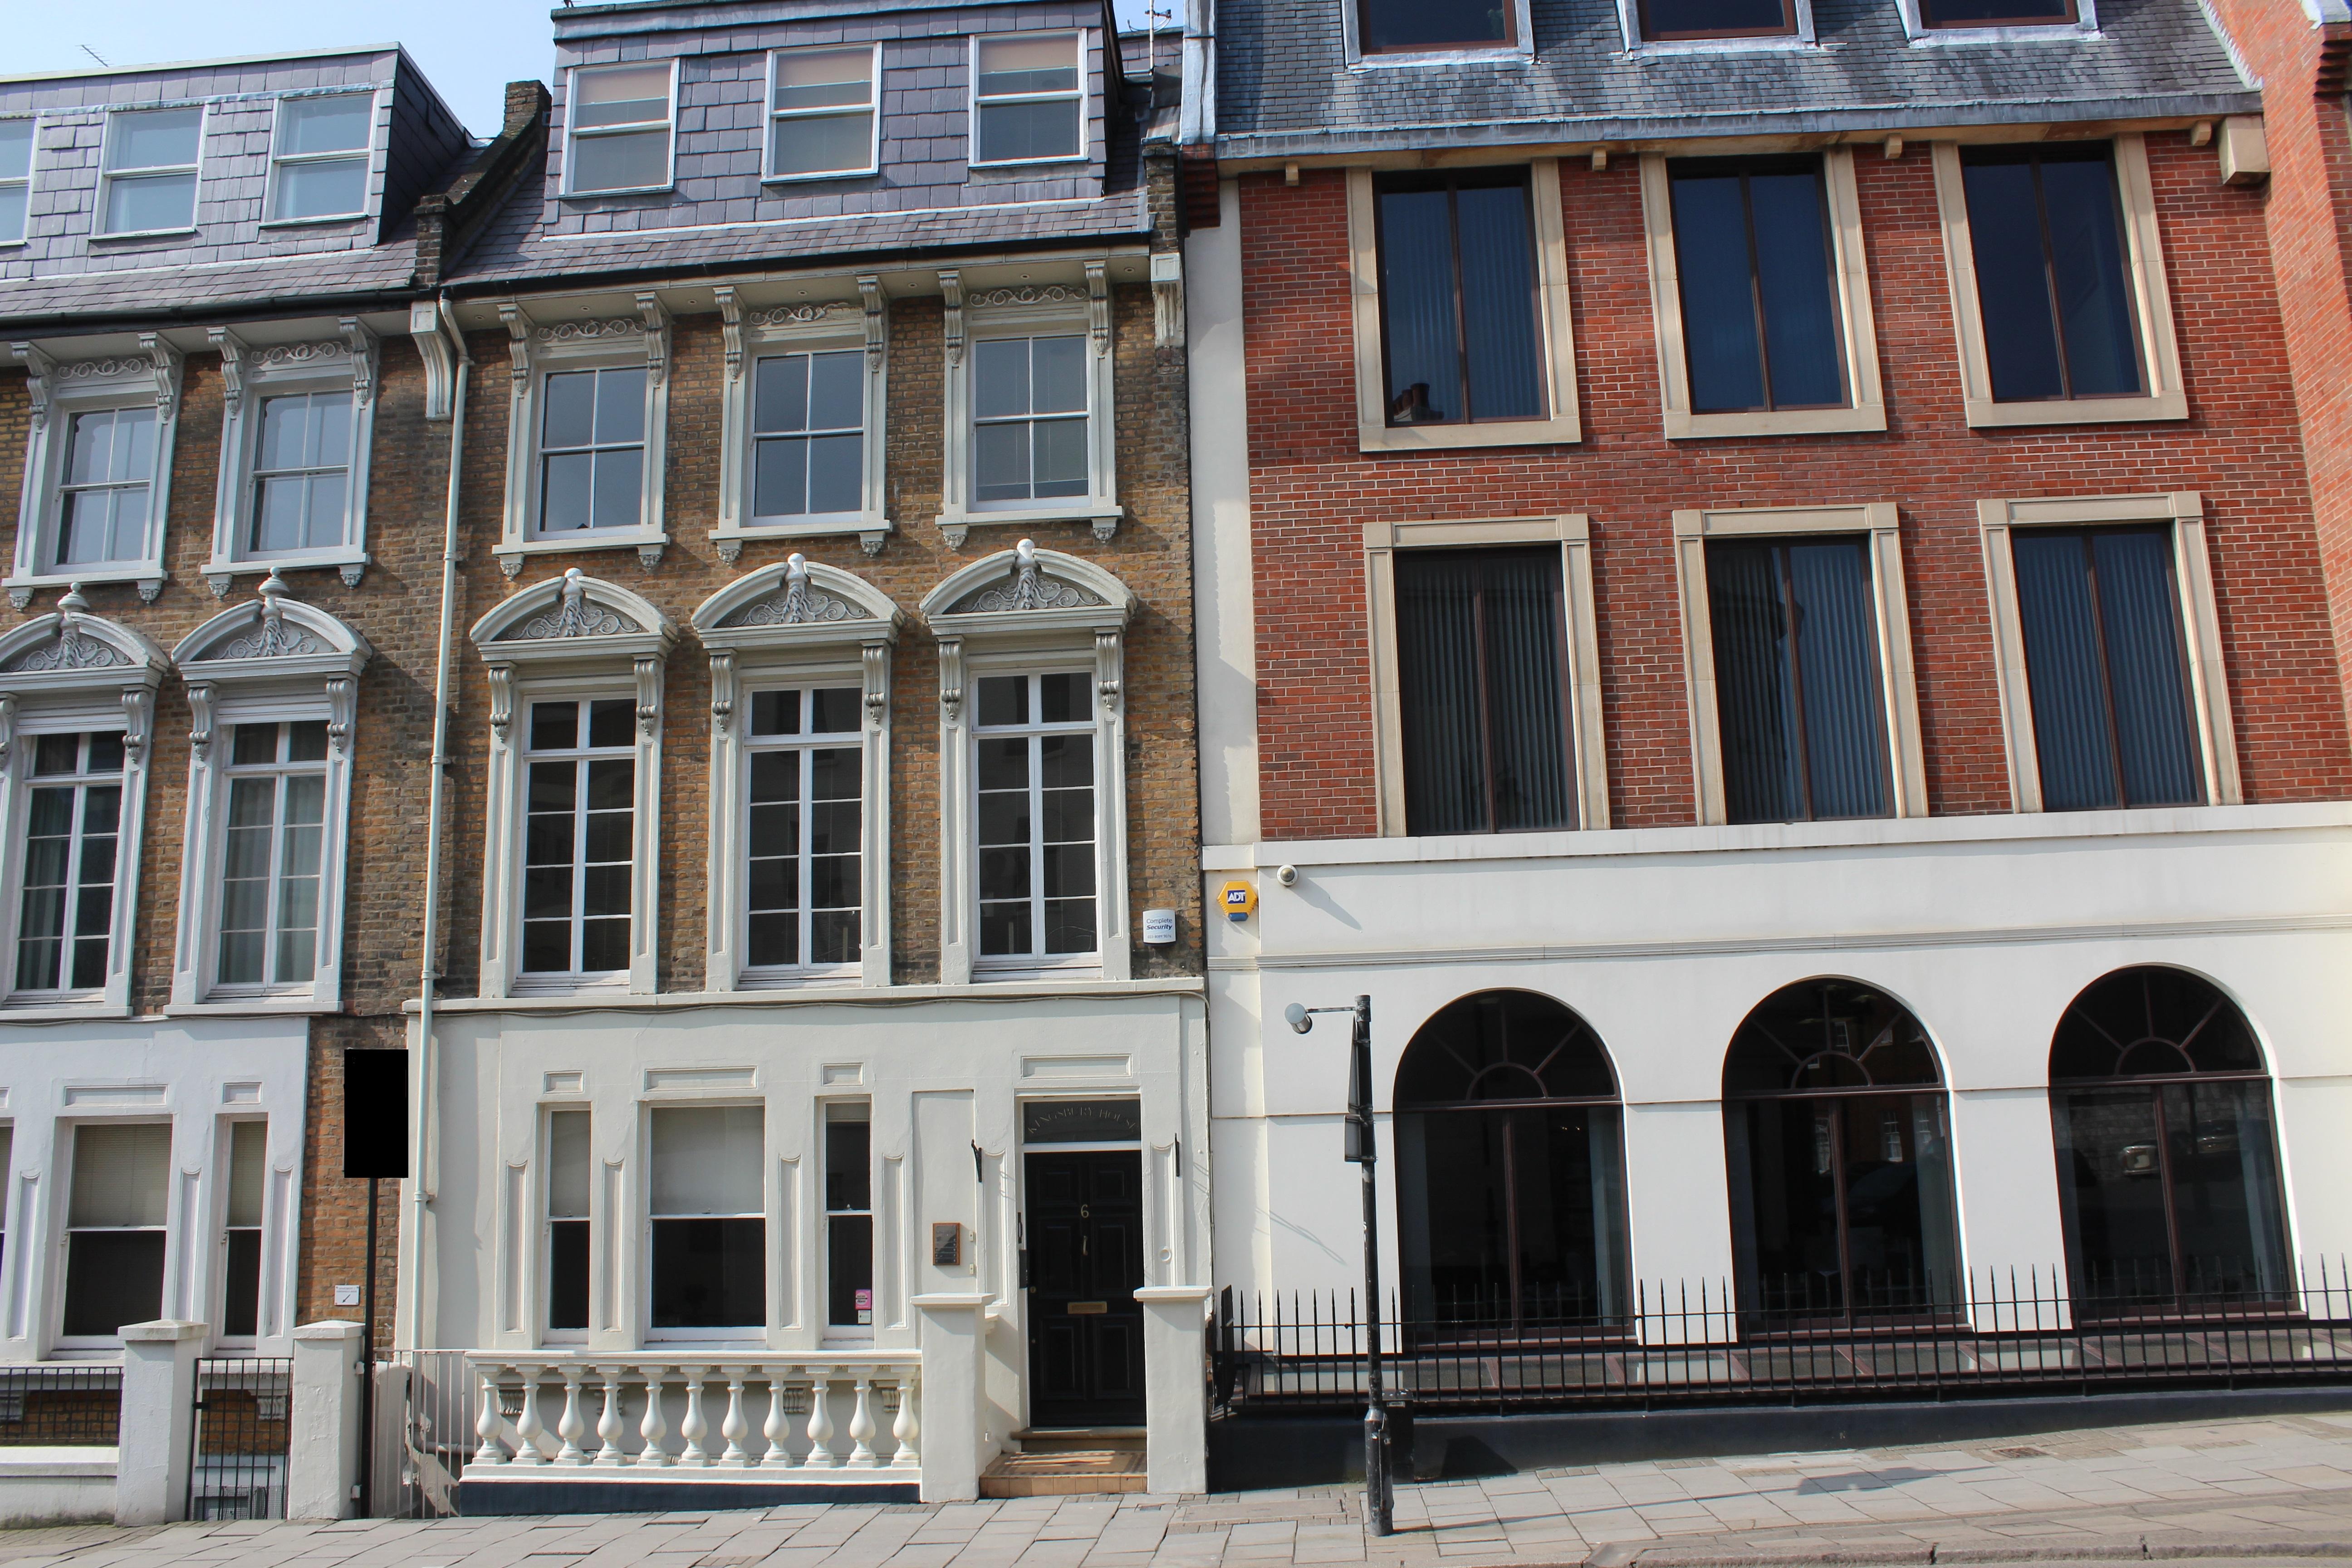 Kingsbury House 6 Sheet Street Windsor SL4 1BG